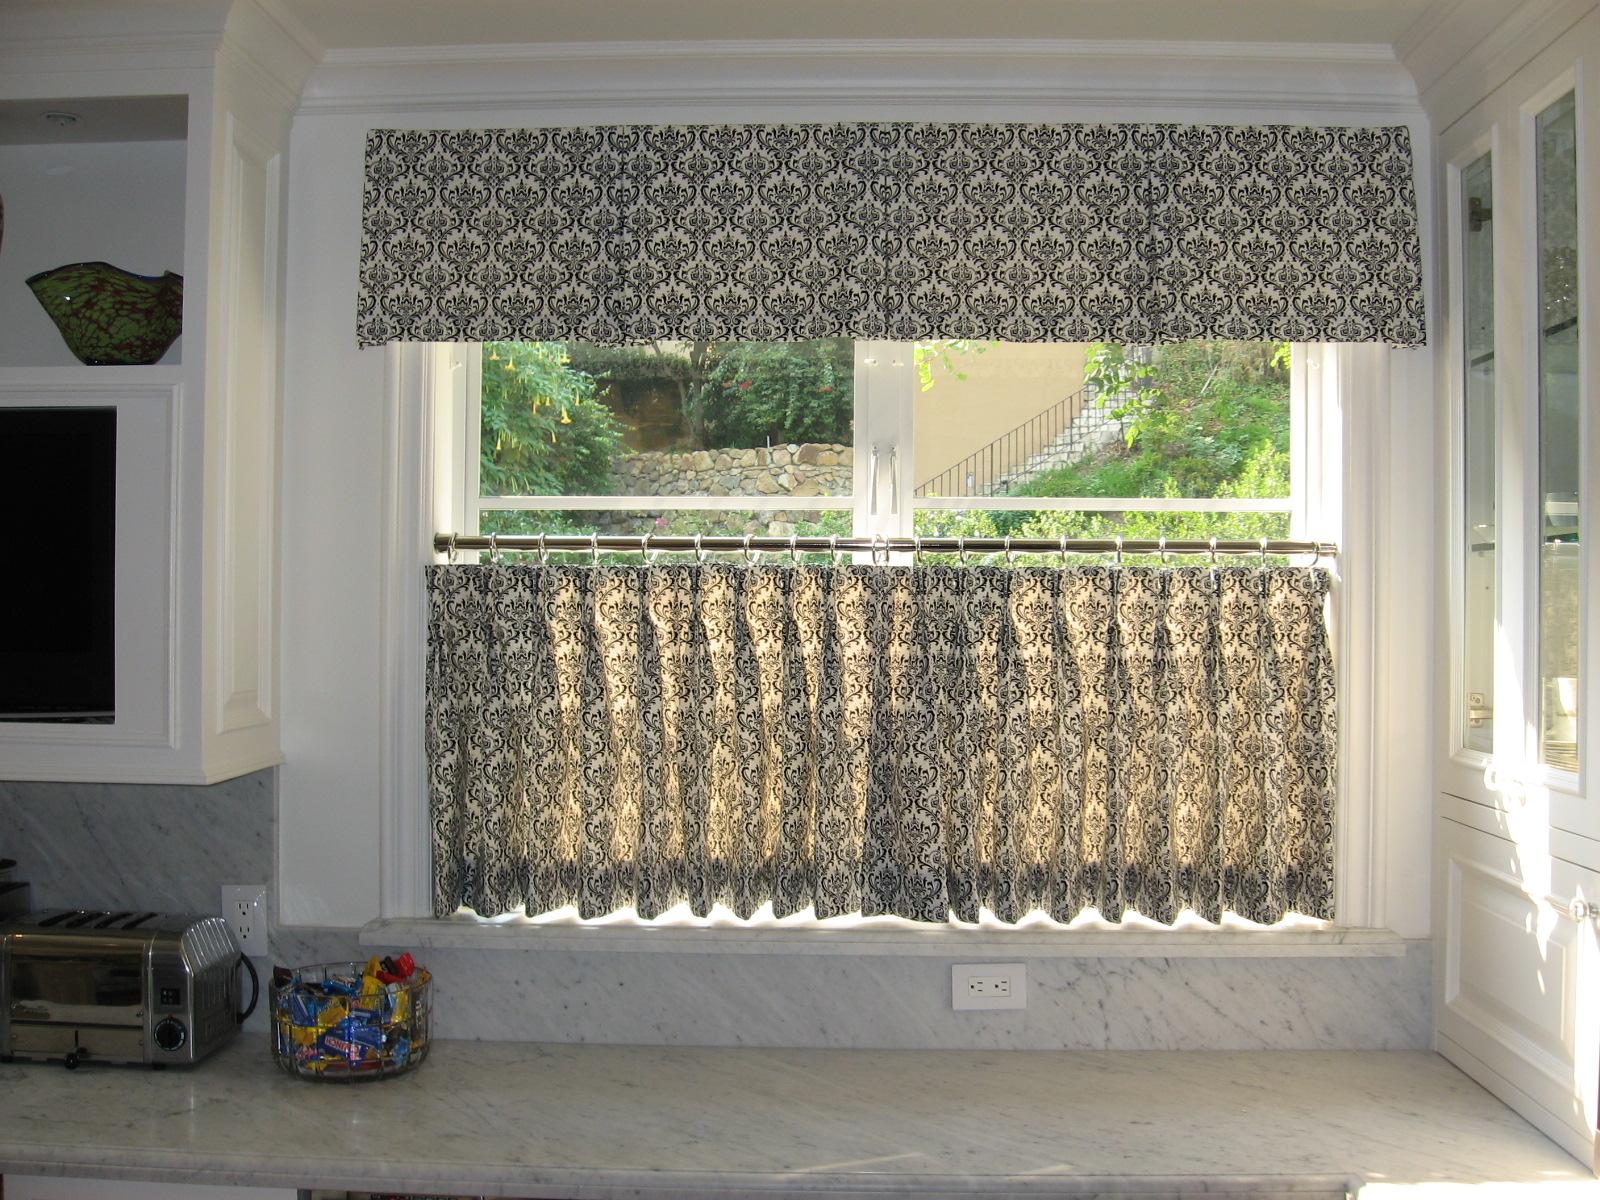 y-cafe-gardiner-til-køkken-cafe-gardiner-til-køkken-cafe-gardiner-til-køkken-vinduer-cafe-gardiner-til-køkkener-cafe-gardiner-til-køkken-retro-café-curtains- til-køkken-mønstre-cafecurtains